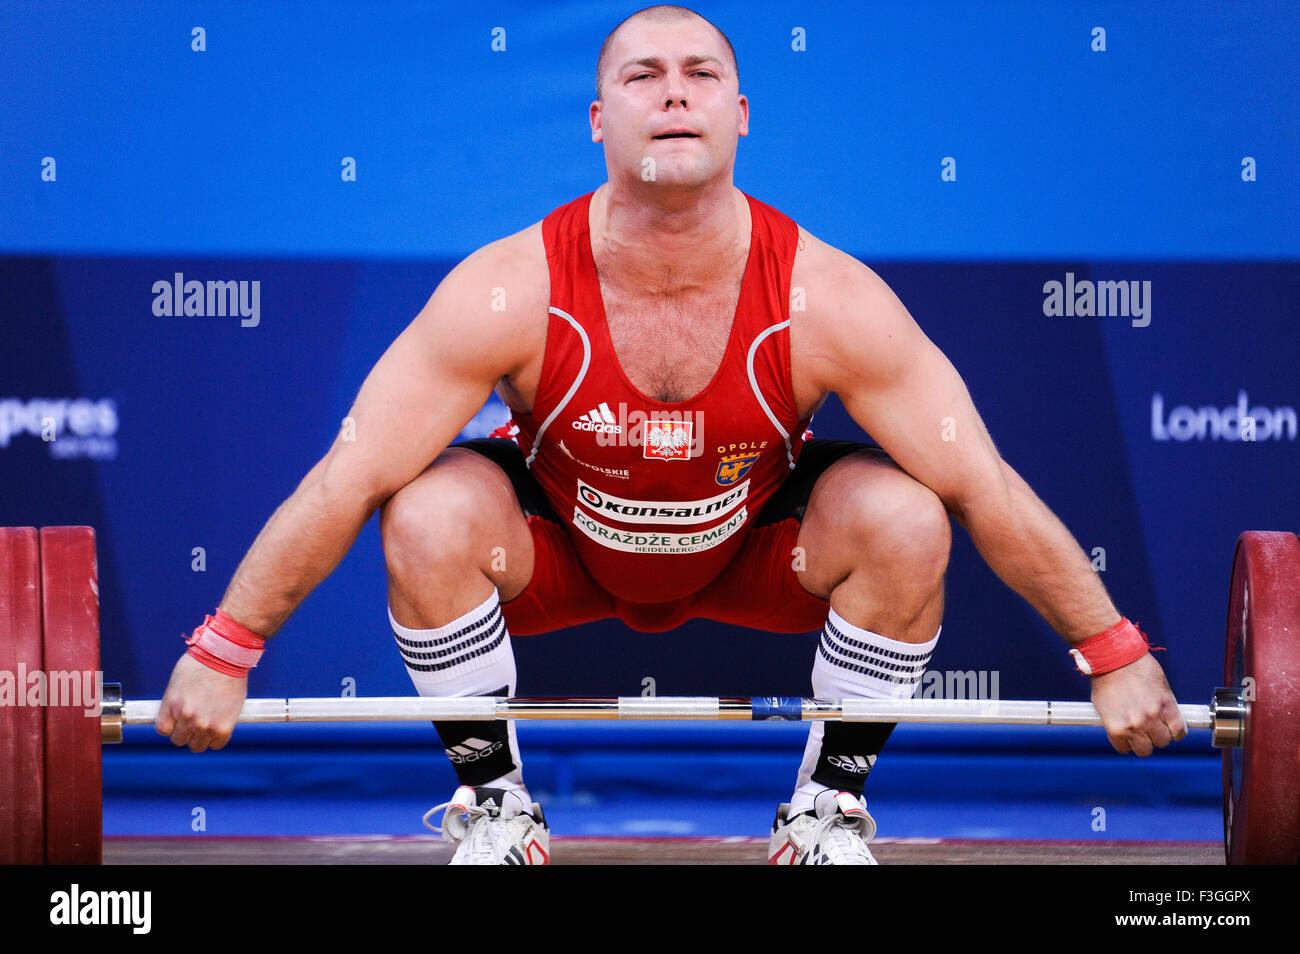 Bartlomiej BONK (POL) en el arrebatamiento, el Londres prepara un Evento de Prueba Olímpica de Halterofilia, Imagen De Stock